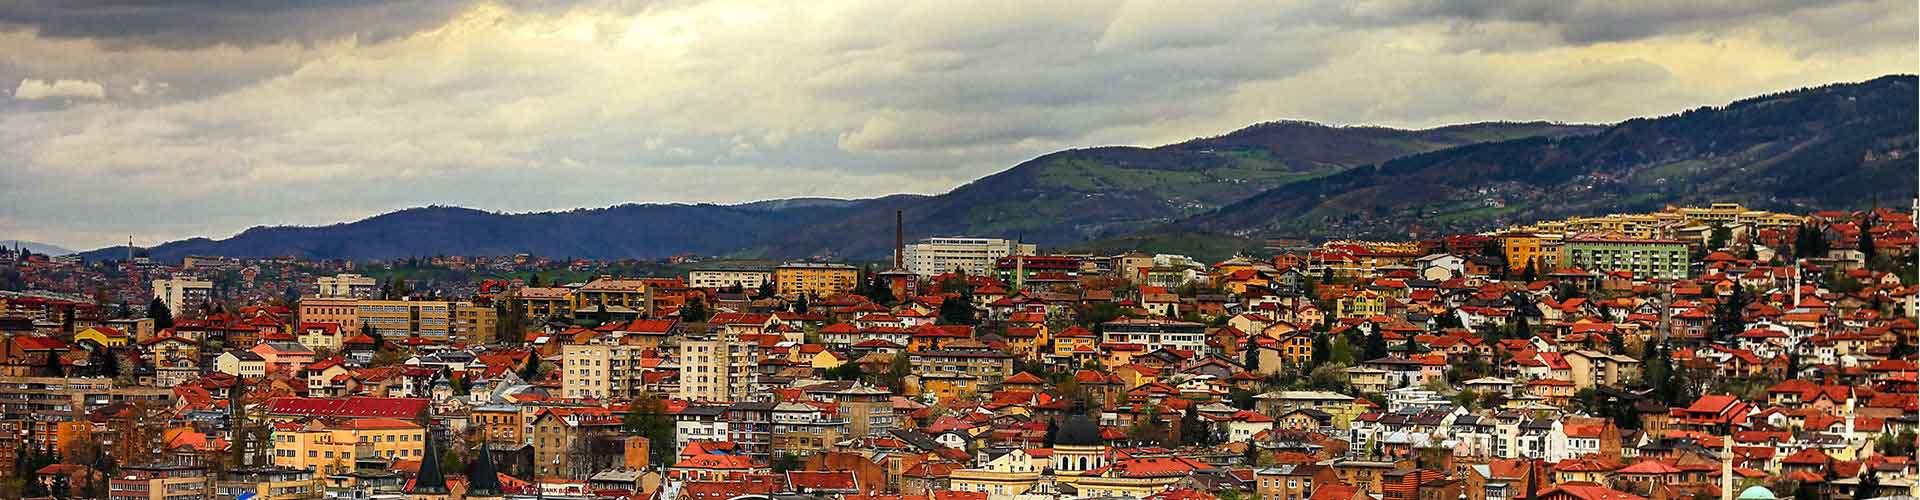 Sarajevo - Appartments à Sarajevo. Cartes pour Sarajevo, photos et commentaires pour chaque appartement à Sarajevo.